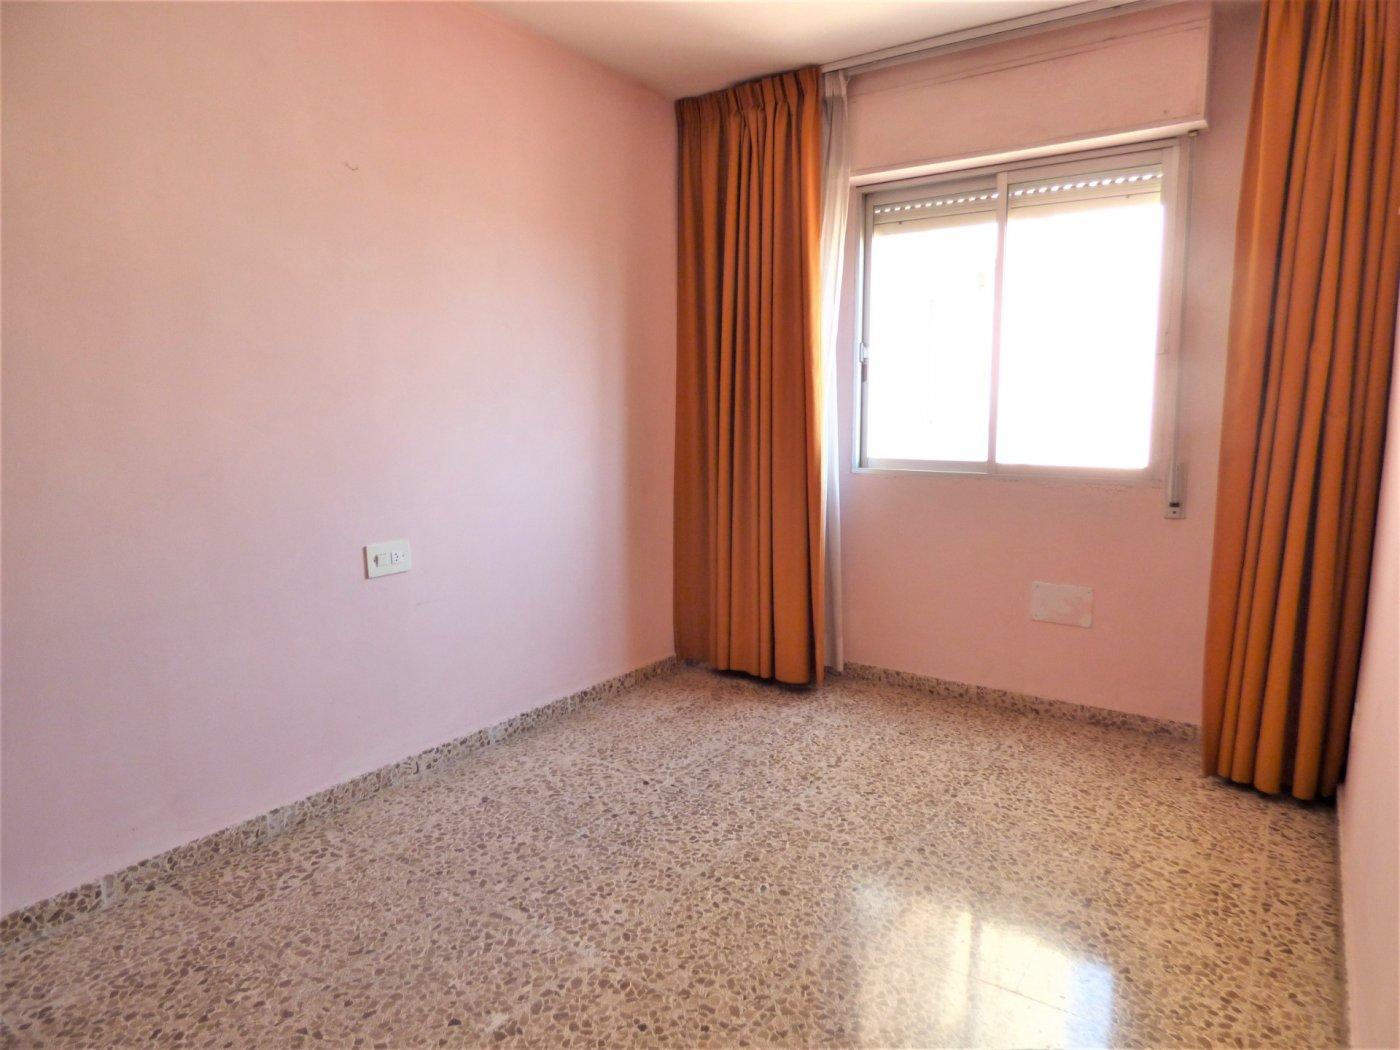 Amplio piso en son cotoner con garaje - imagenInmueble13